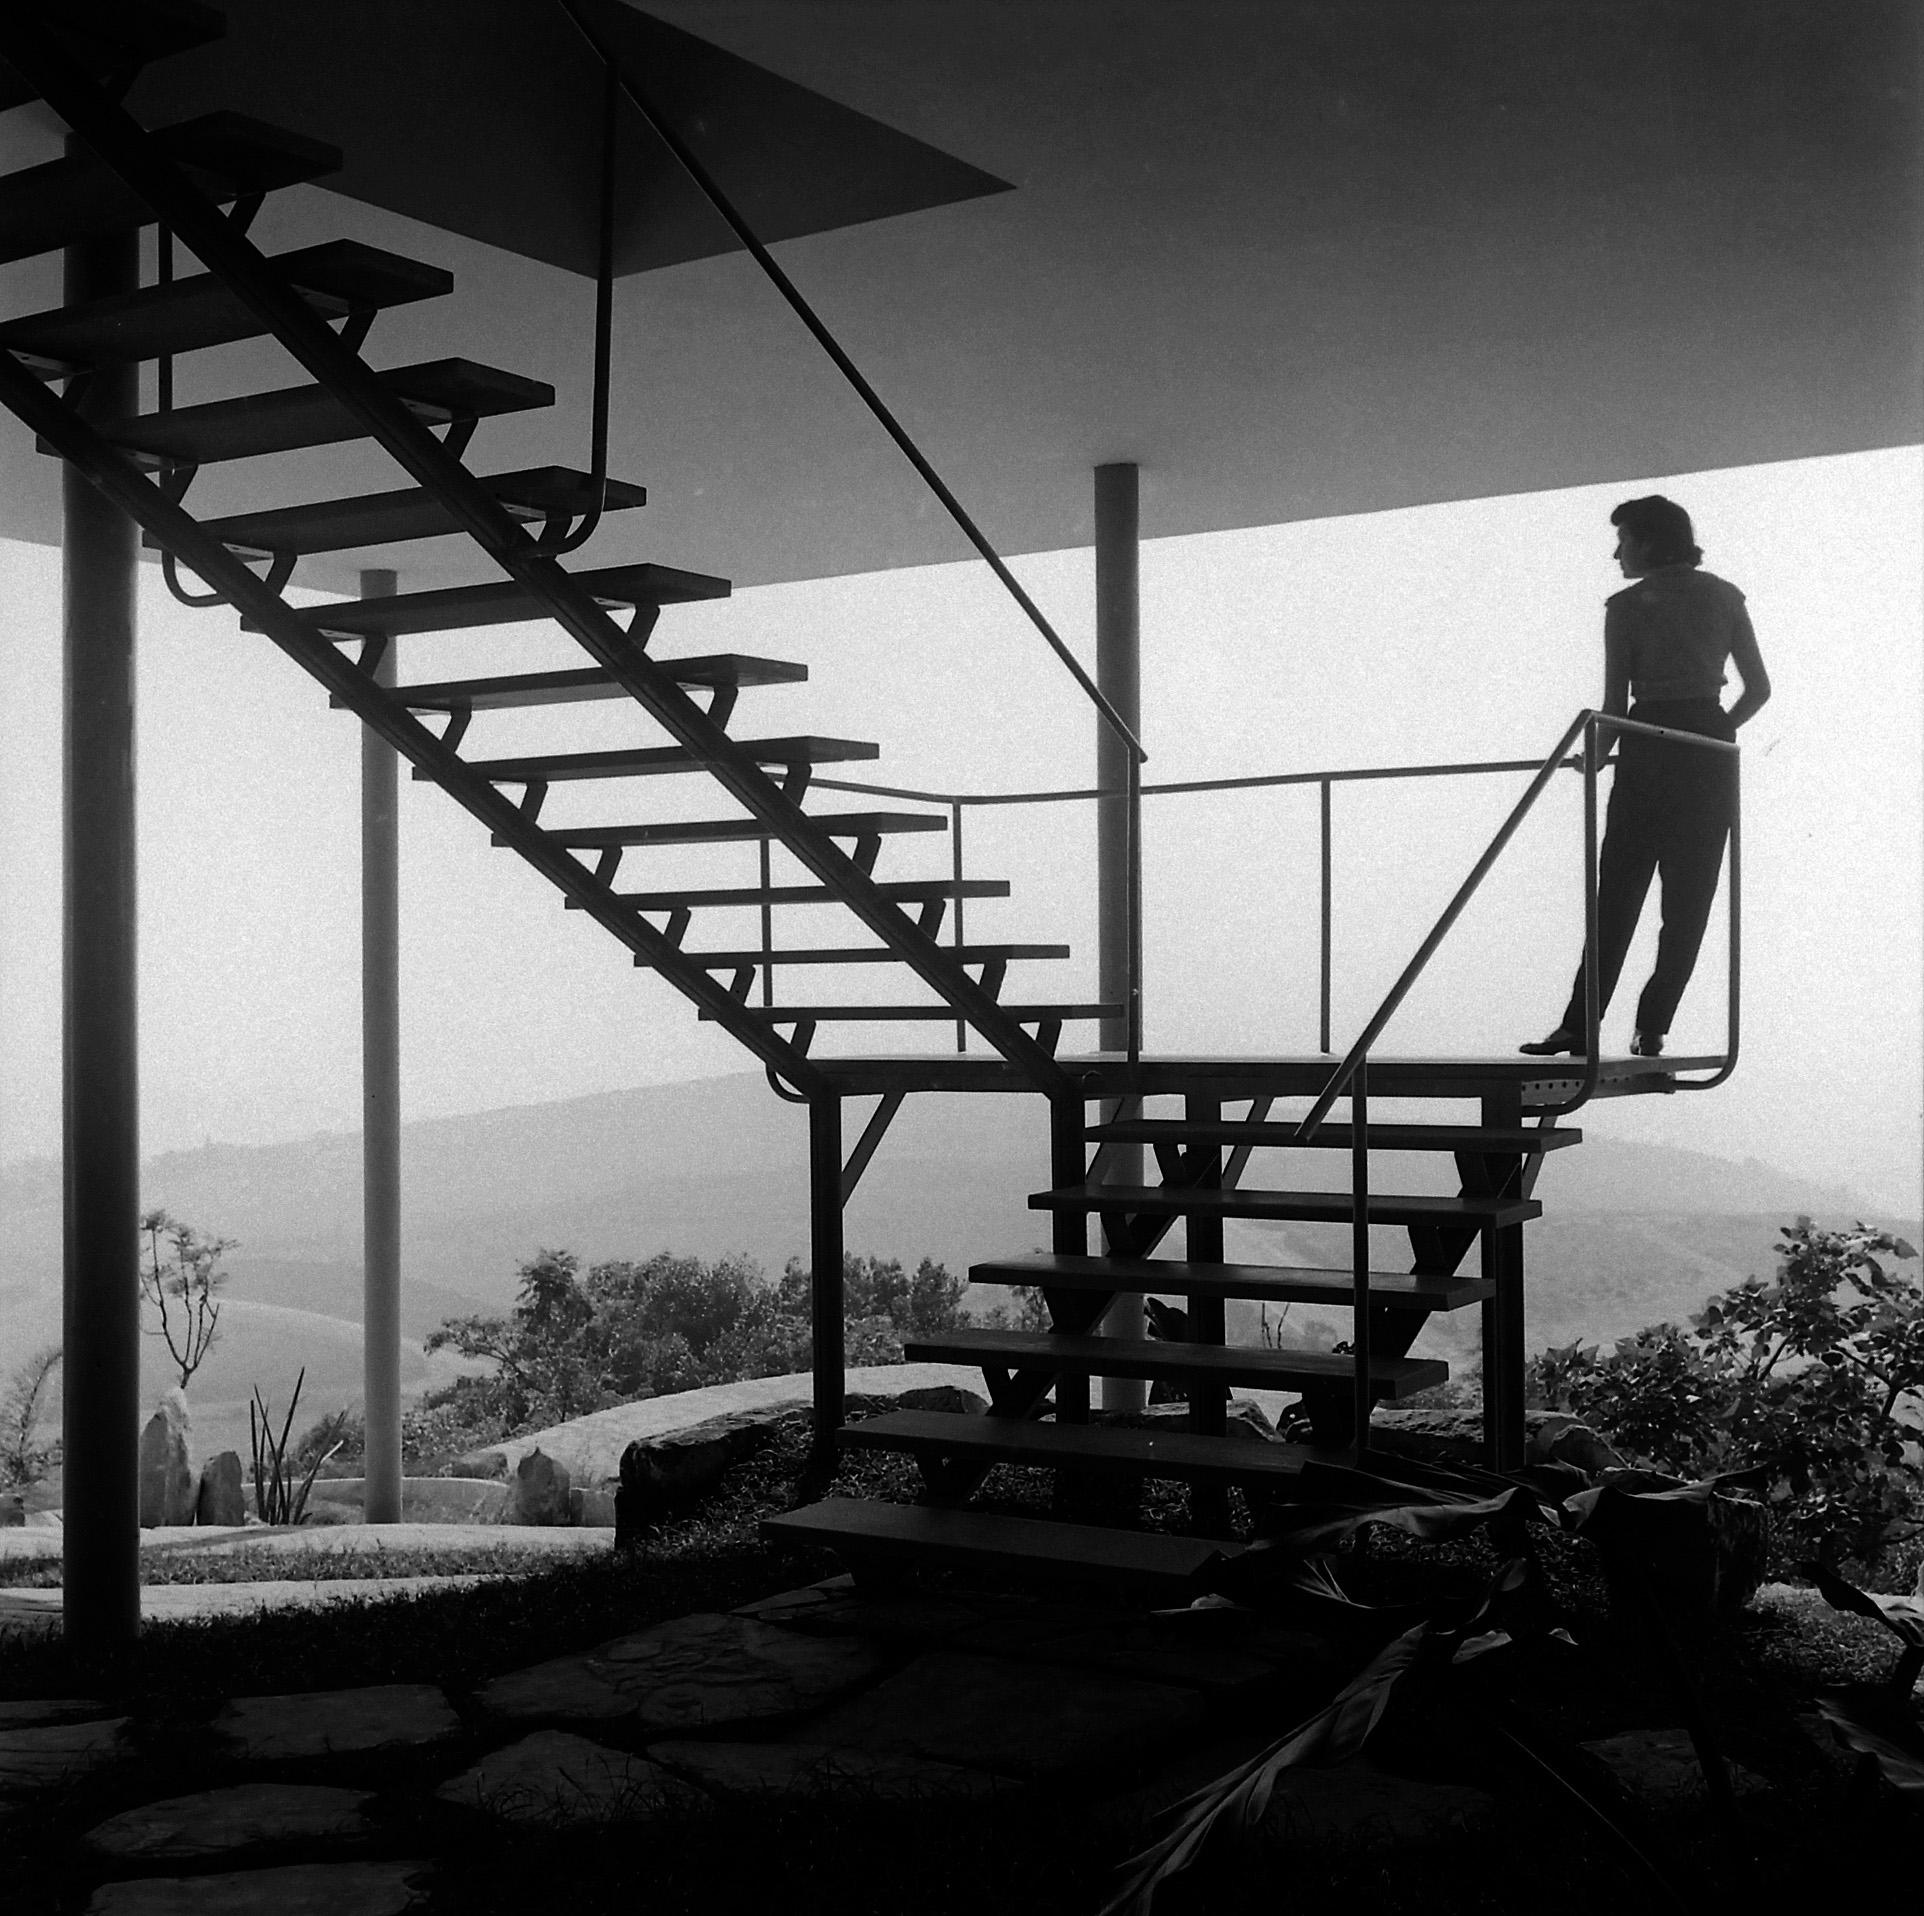 """""""Lina Bo Bardi na Casa de Vidro, projeto de Lina Bo Bardi"""", 1952, fotografia de Chico Albuquerque, que integra a mostra no MIS, São Paulo, 2013."""